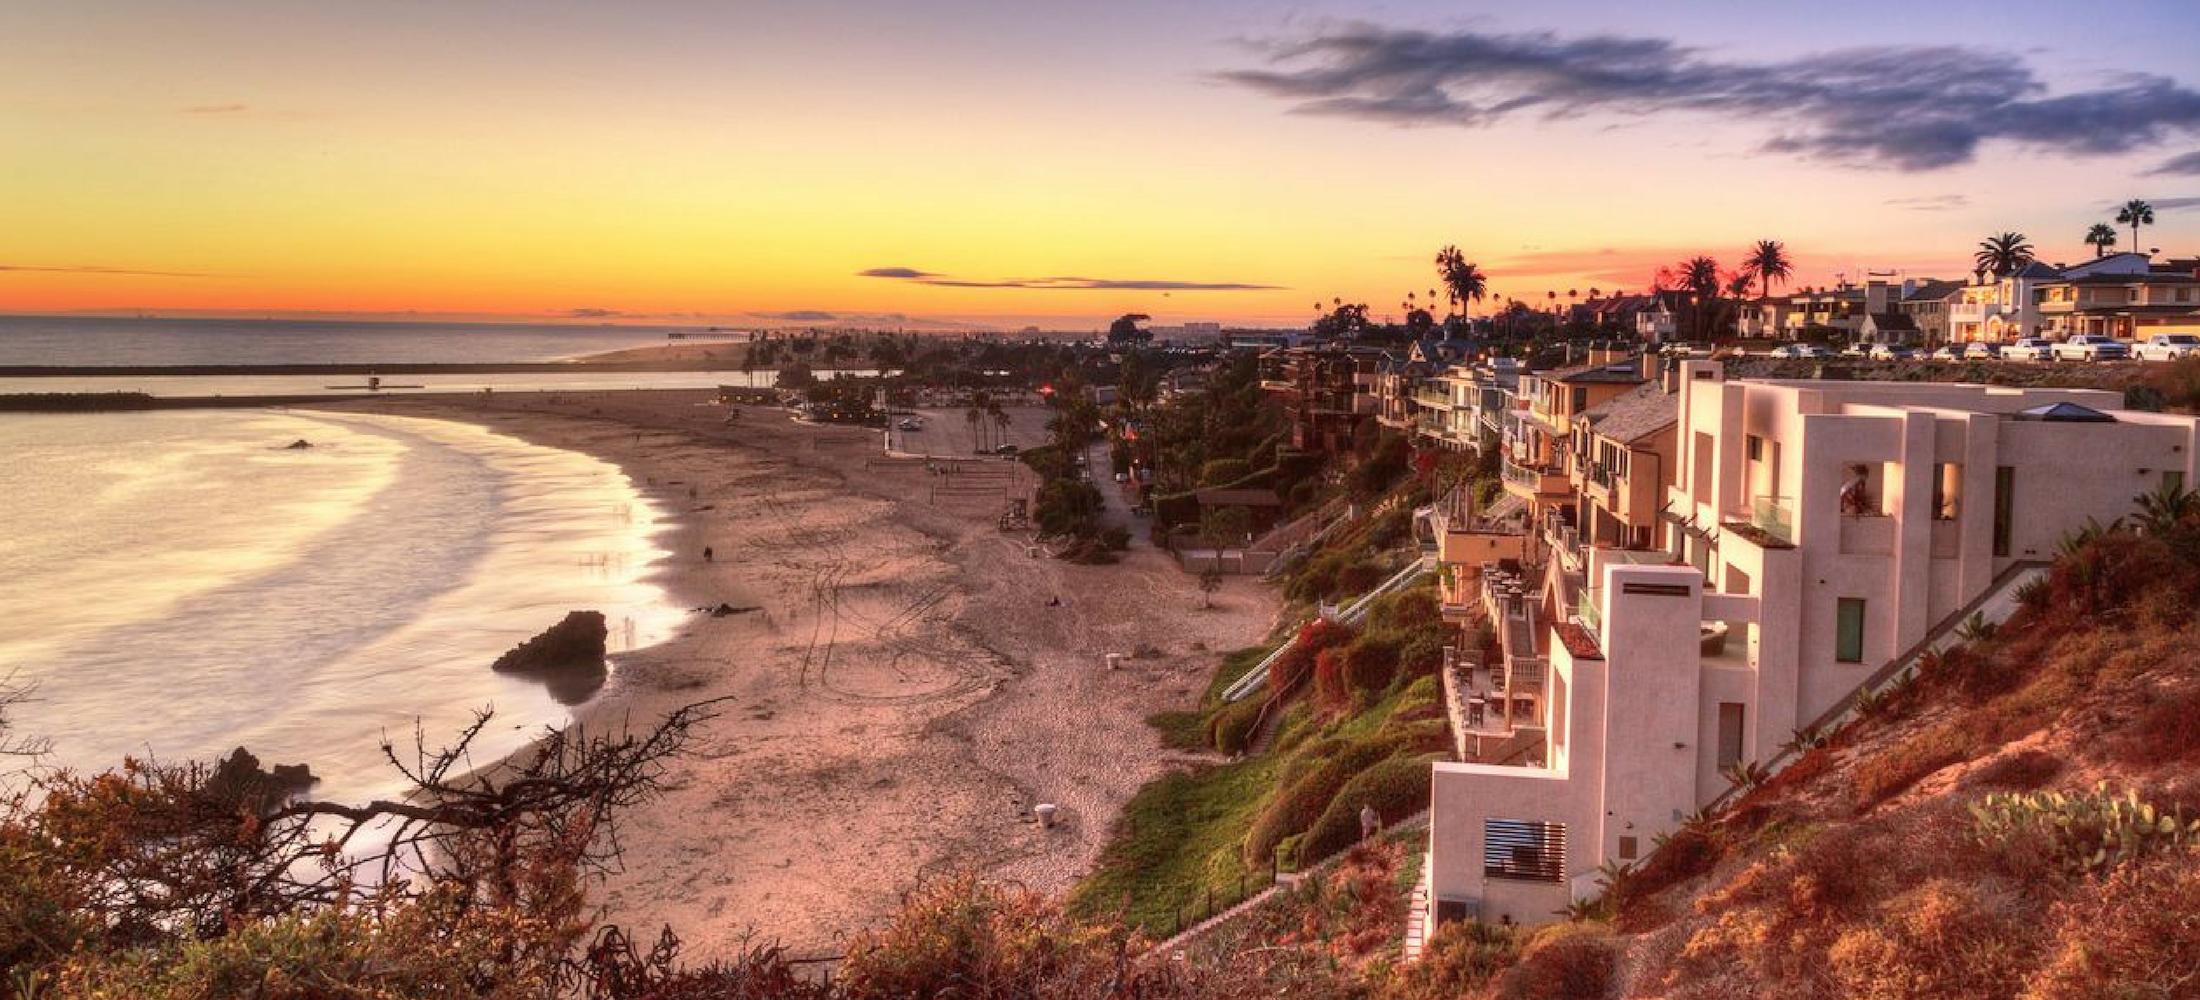 Corona del mar real estate - Mar real estate ...